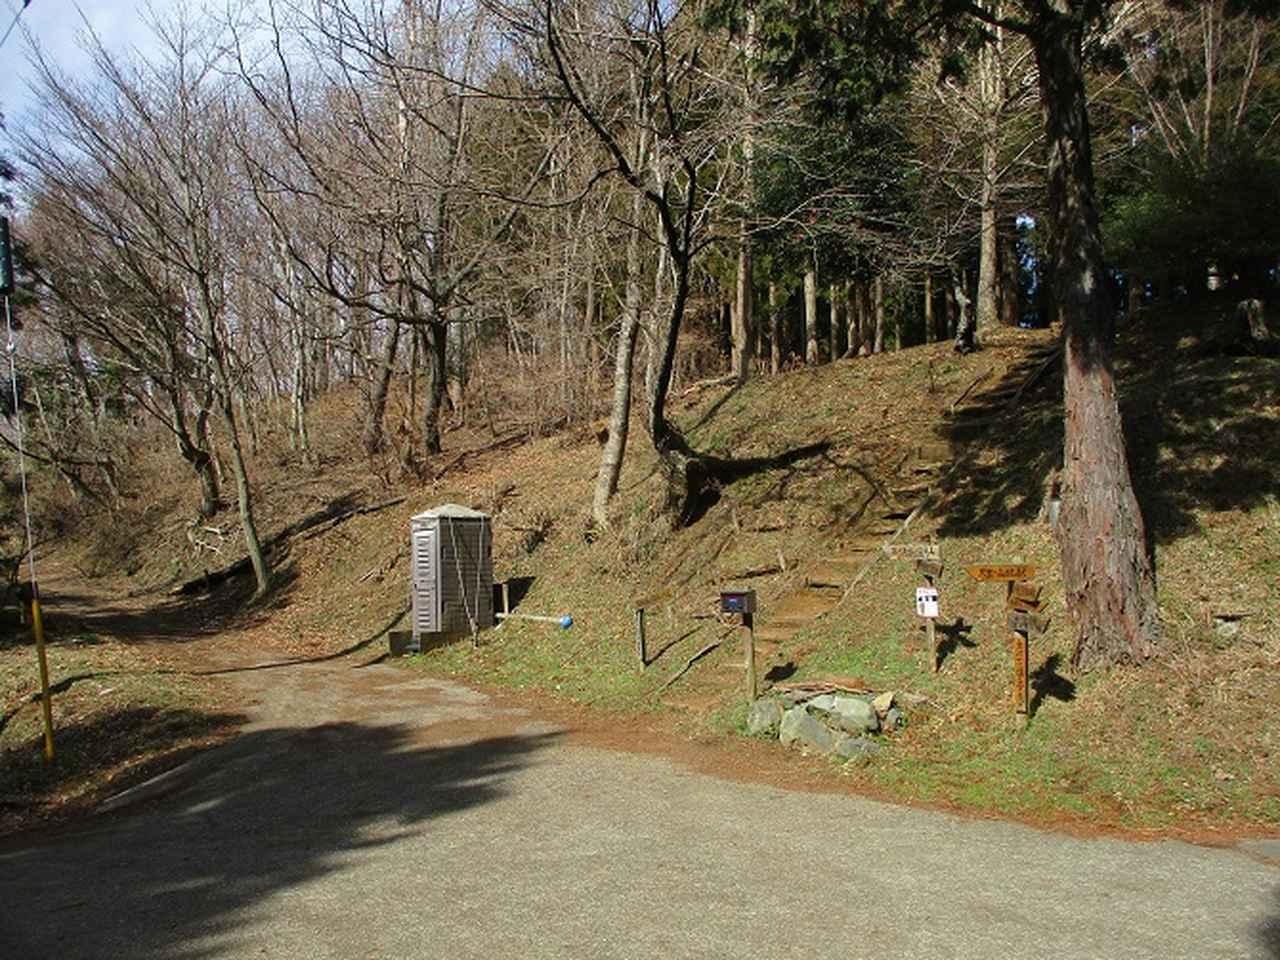 画像1: 3月の山旅会・現地集合 「高松山」 ツアーの下見に行ってきました!